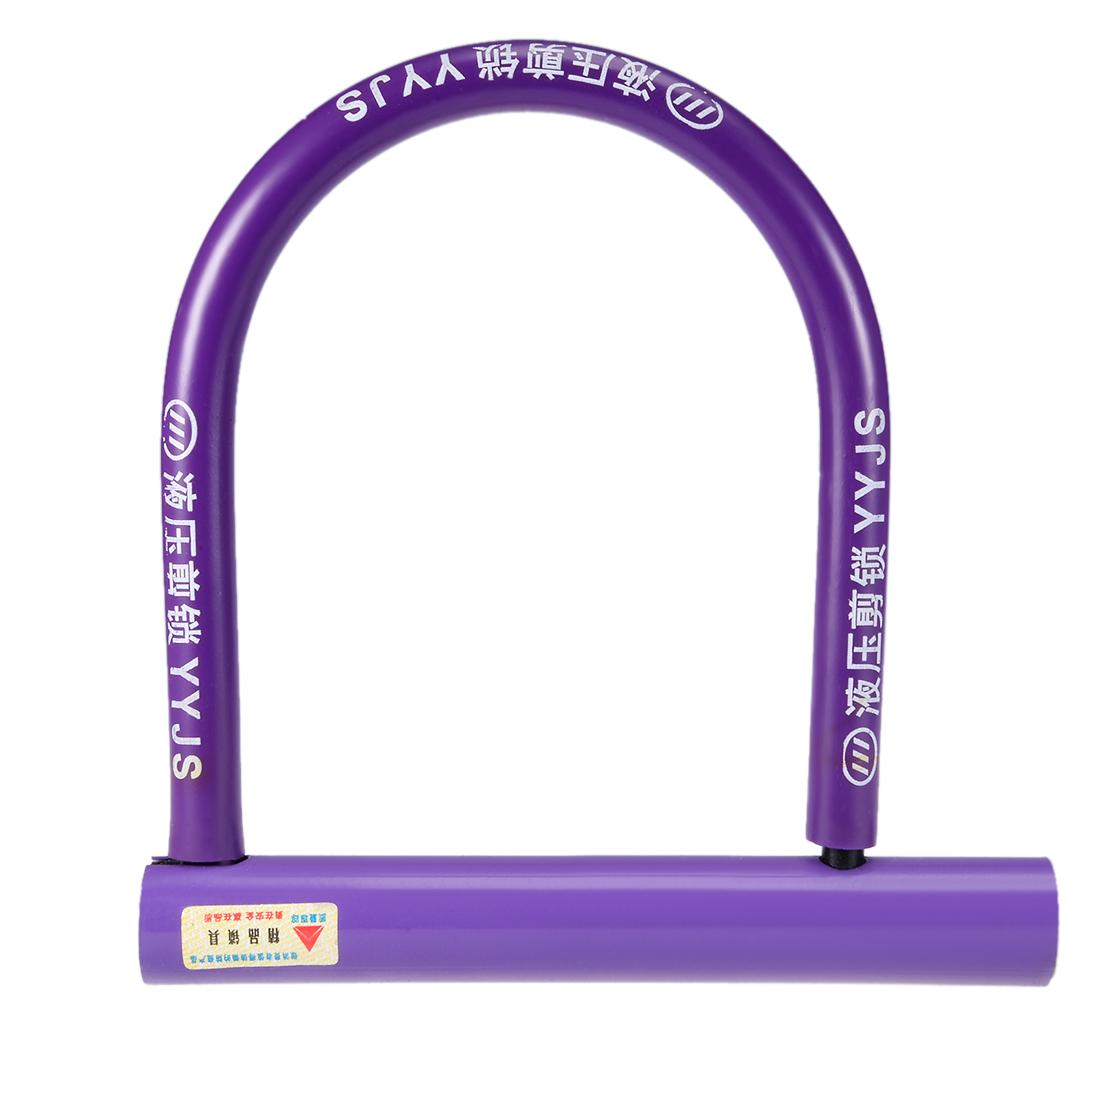 180mmx175mm Steel Plastic Covered Bike Motorcycle Security U Lock w Keys